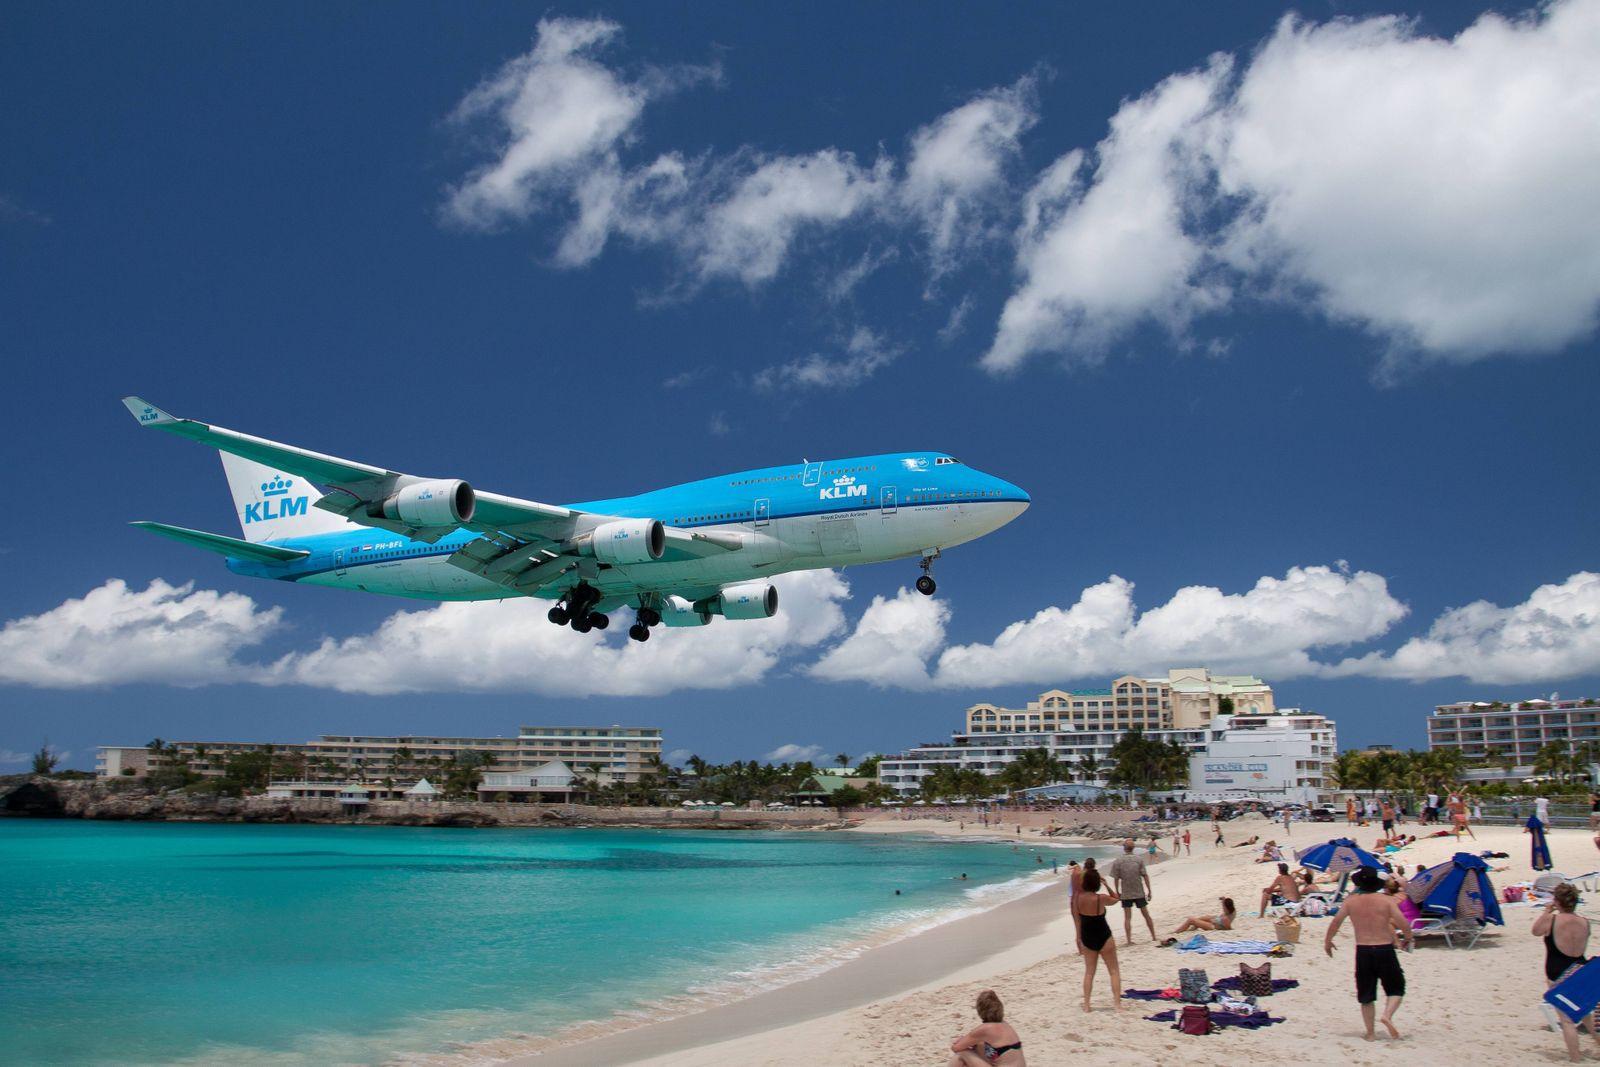 Landeanflug einer Boeing 747 der KLM über dem Strand von Saint Maarten, Insel Saint Maarten, Frankreich und Niederlande